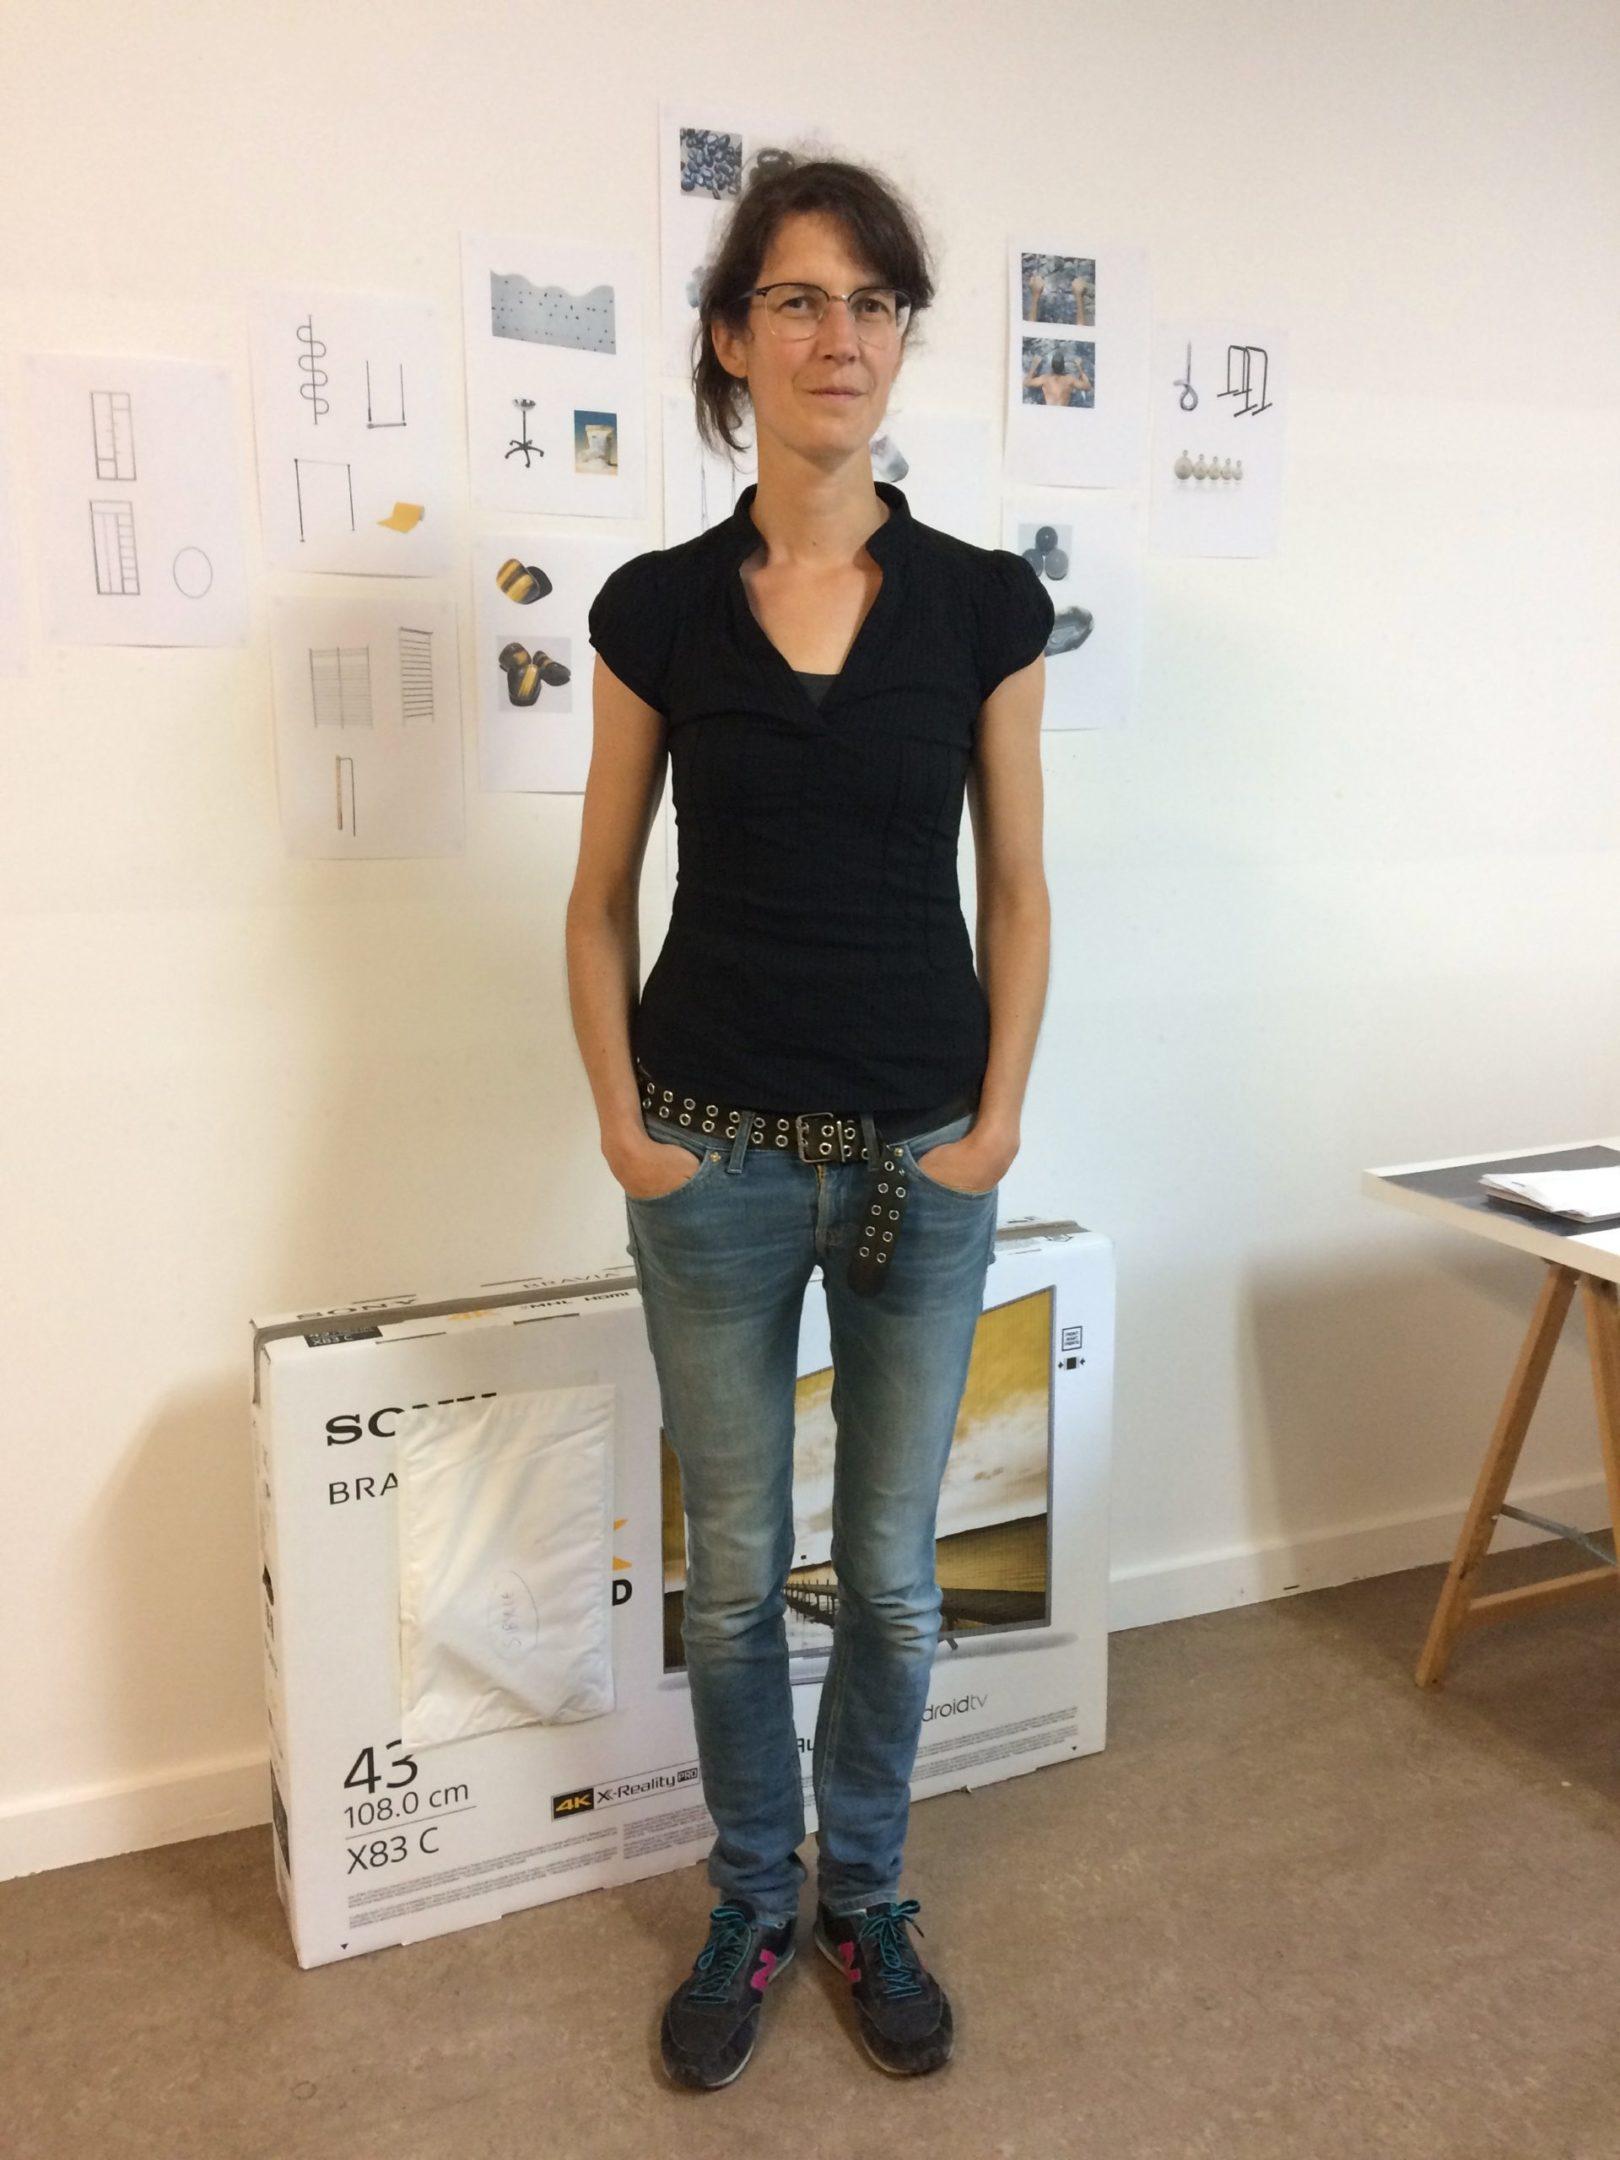 Sibylle Eimermacher in her studio